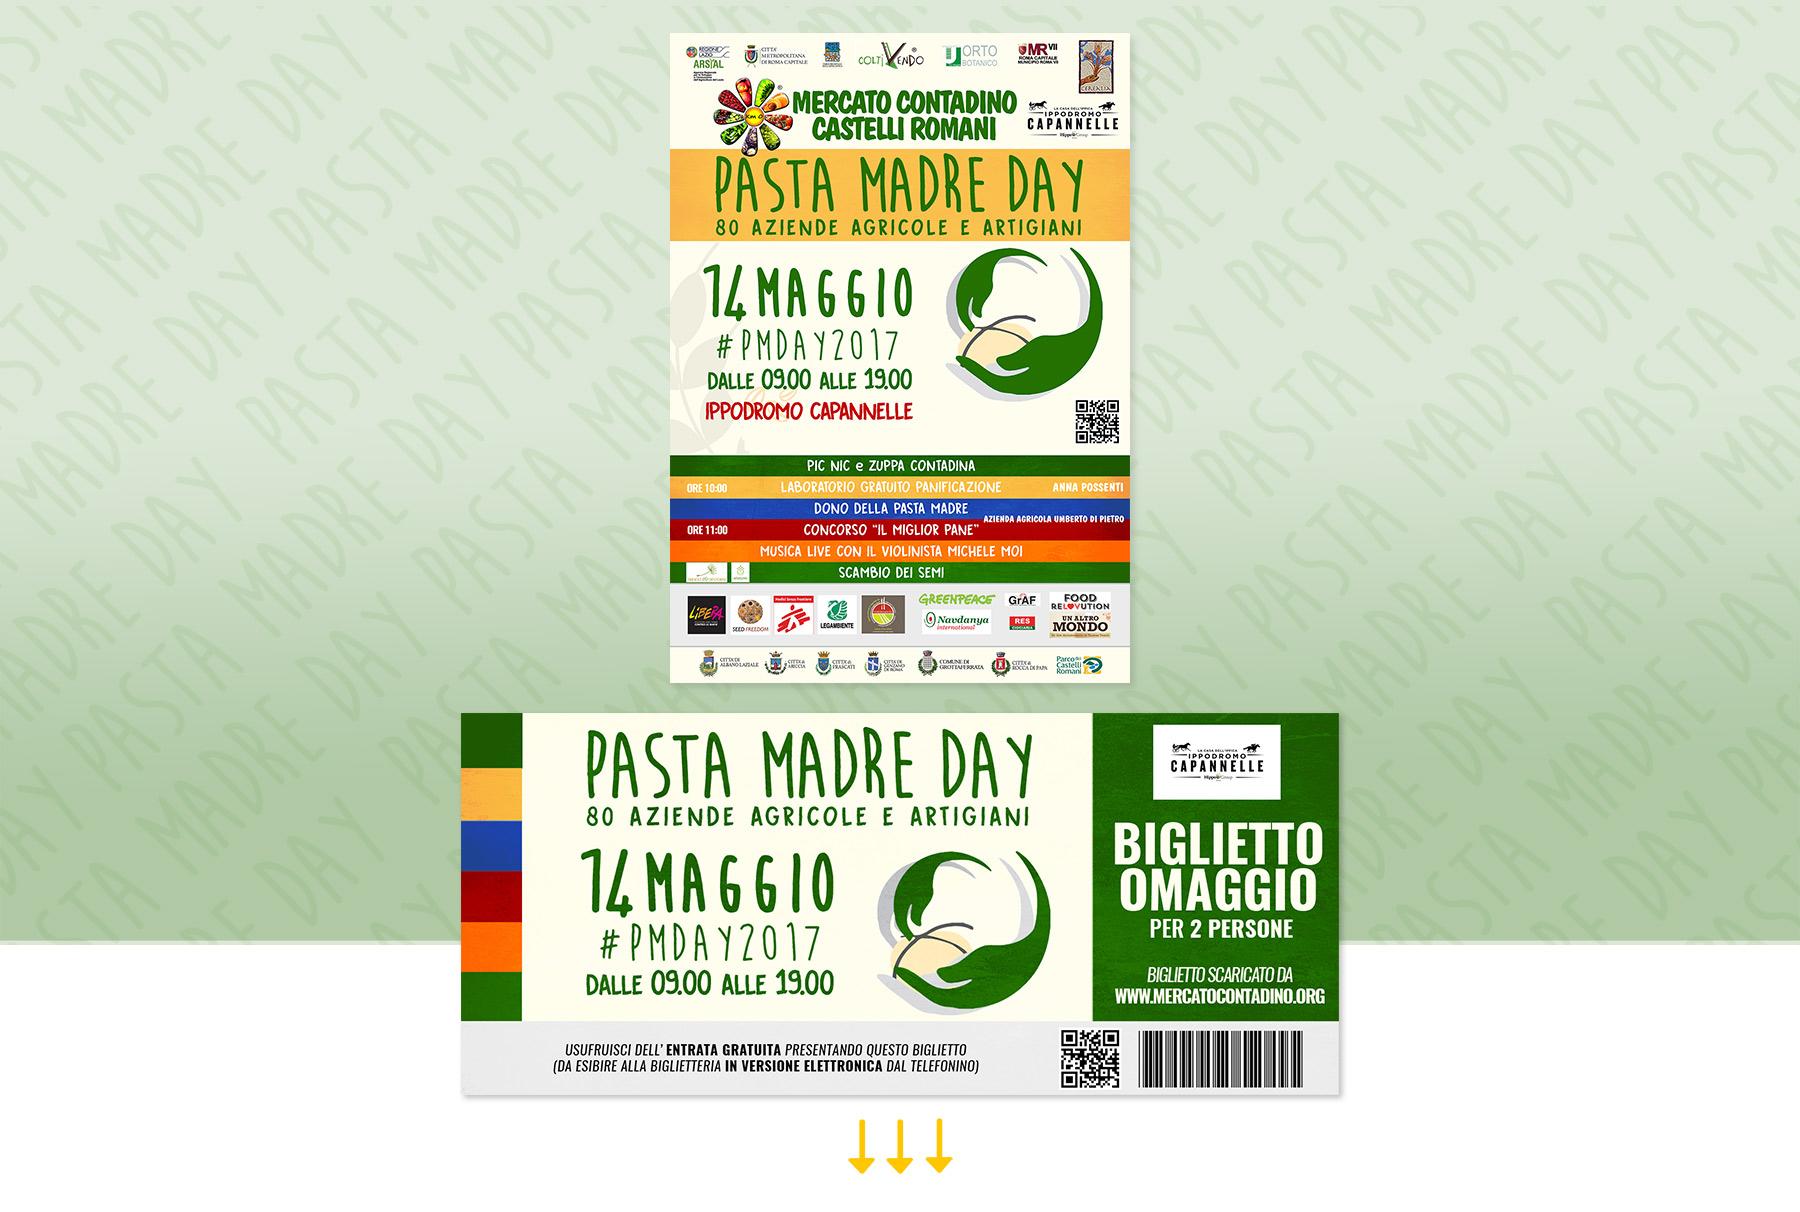 Biglietto Omaggio Immagine Pasta Madre Day 2017 Mercato Contadino Castelli Romani Roma